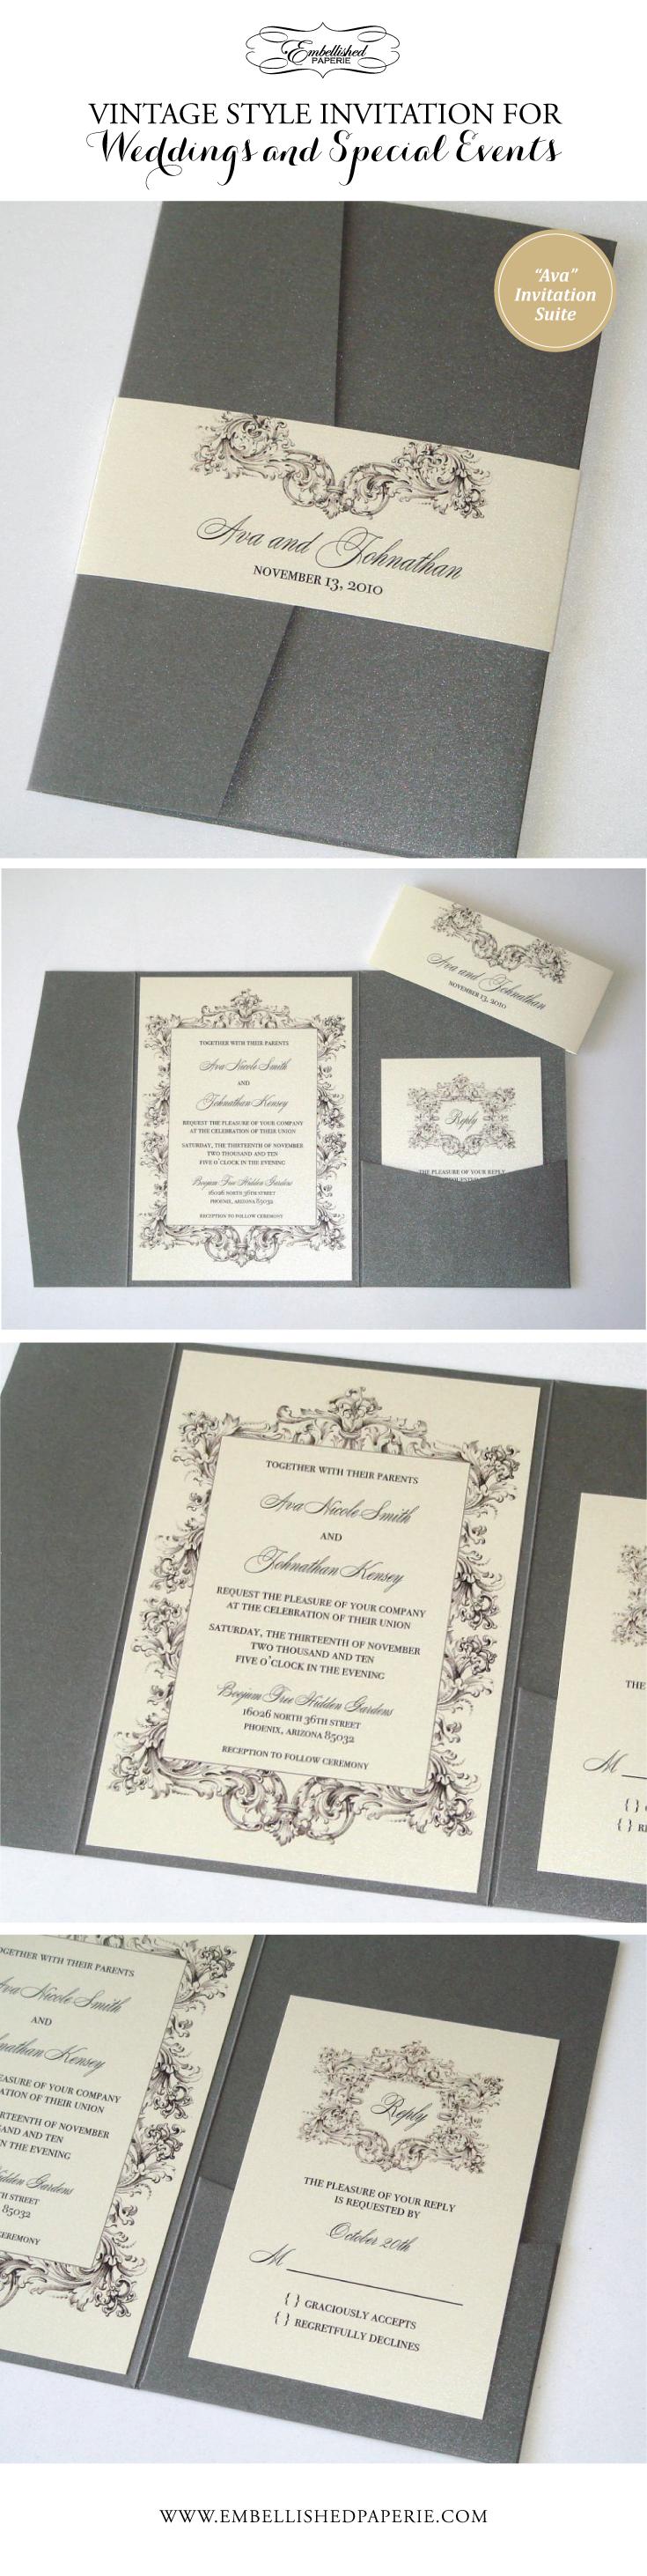 Vintage Wedding Invitation Elegant Wedding Invitation Romantic